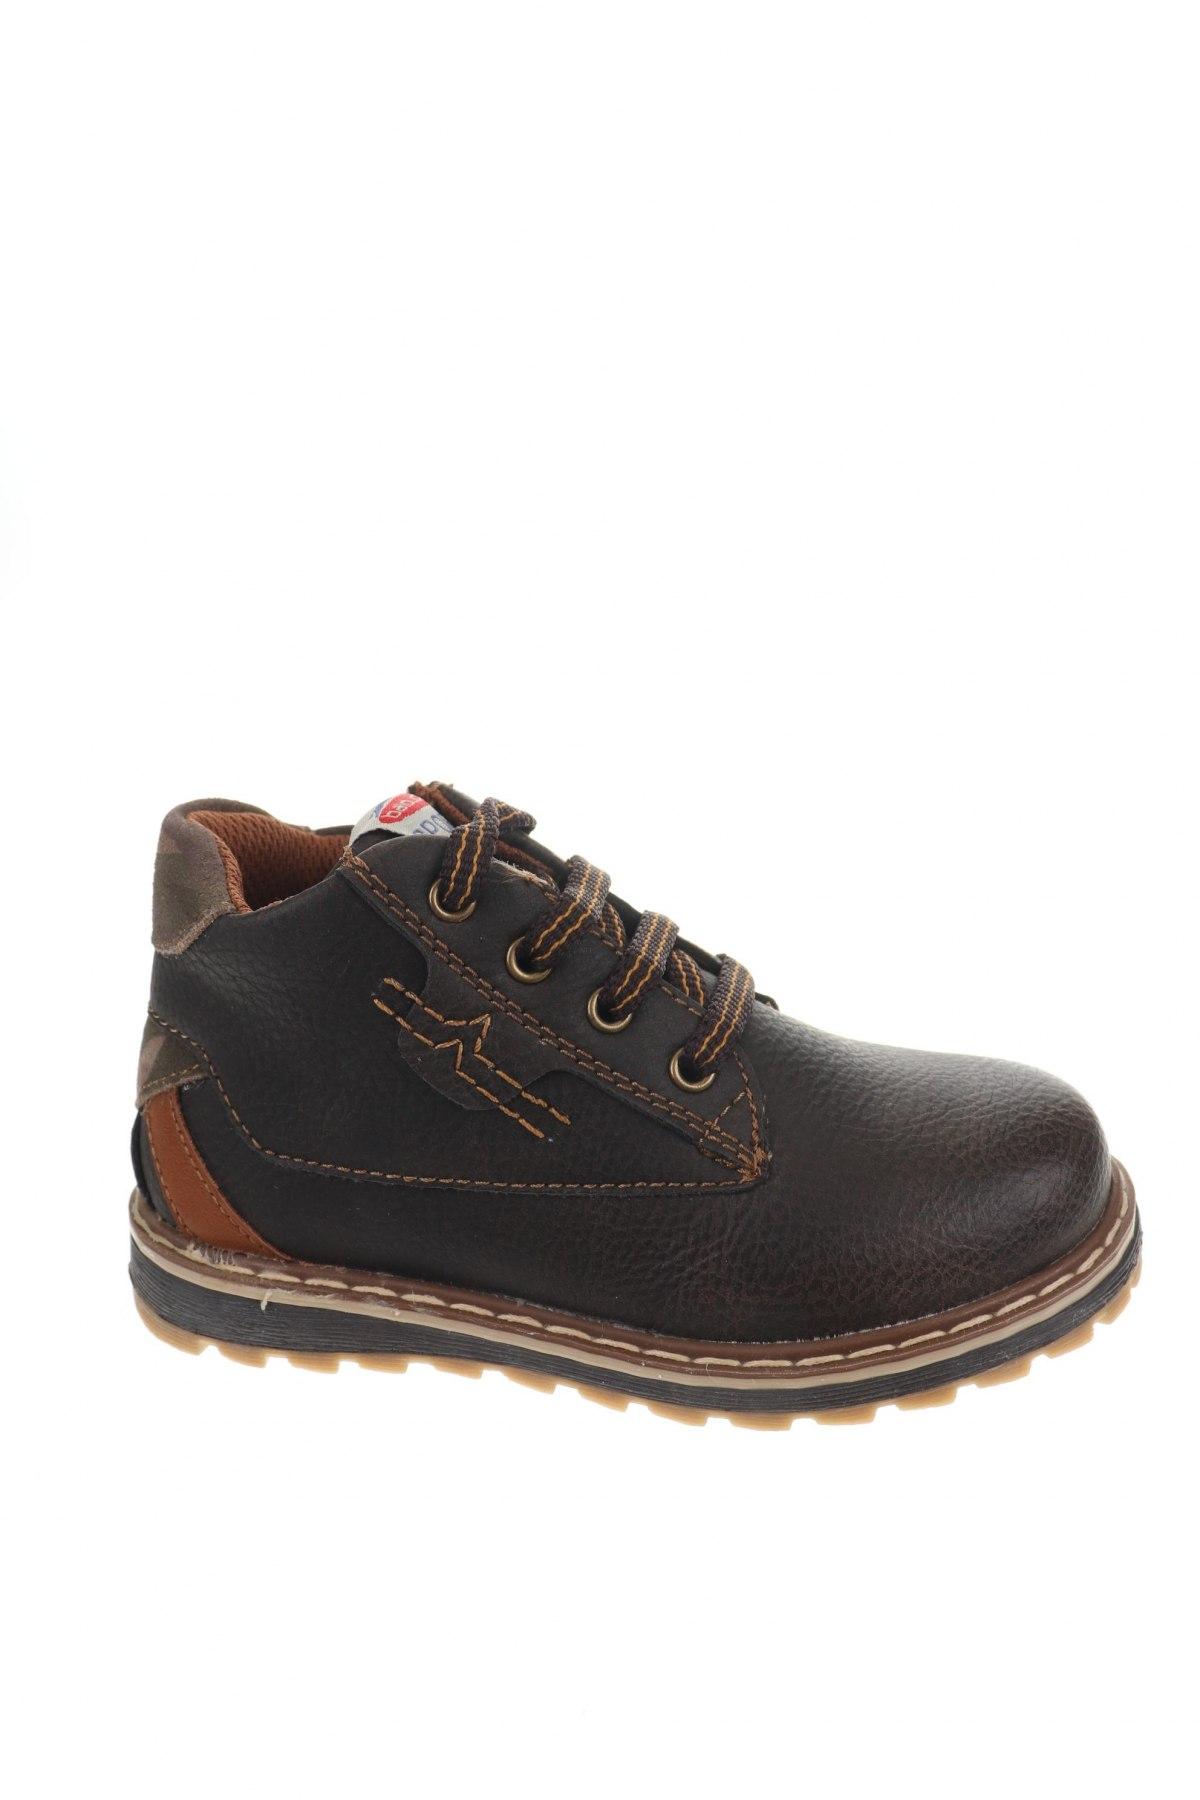 Παιδικά παπούτσια Balducci, Μέγεθος 26, Χρώμα Καφέ, Δερματίνη, φυσικό σουέτ, Τιμή 30,54€